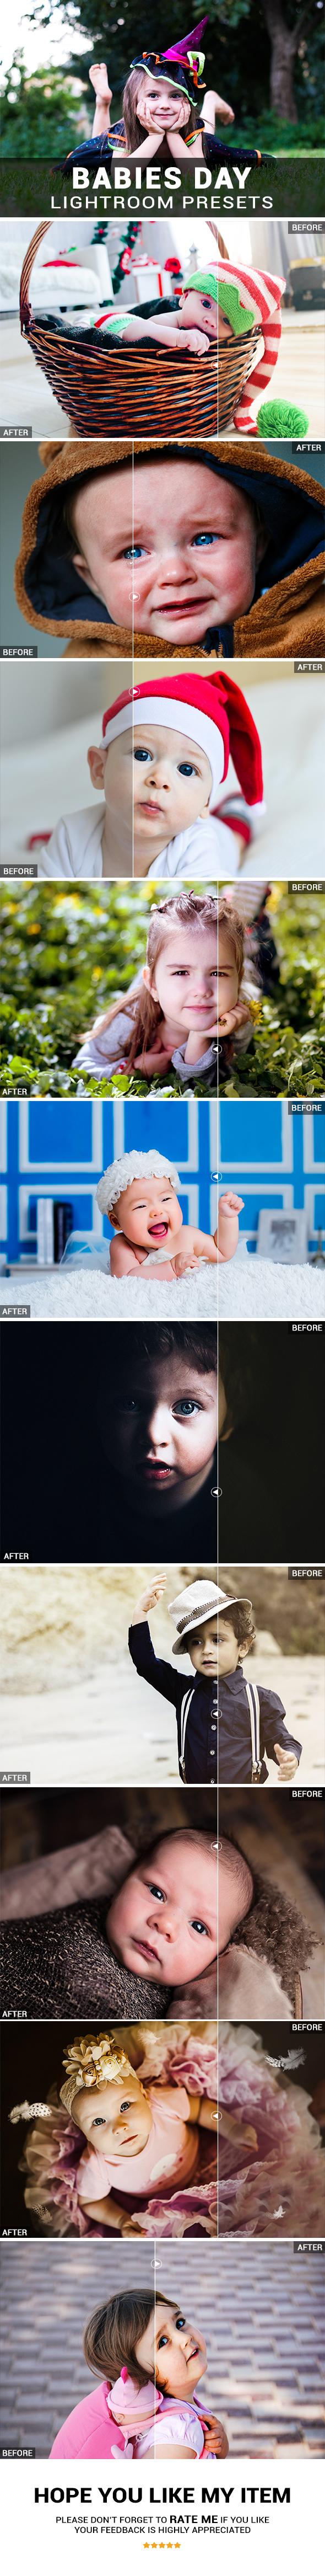 30 Babies Day Lightroom Presets - Lightroom Presets Add-ons